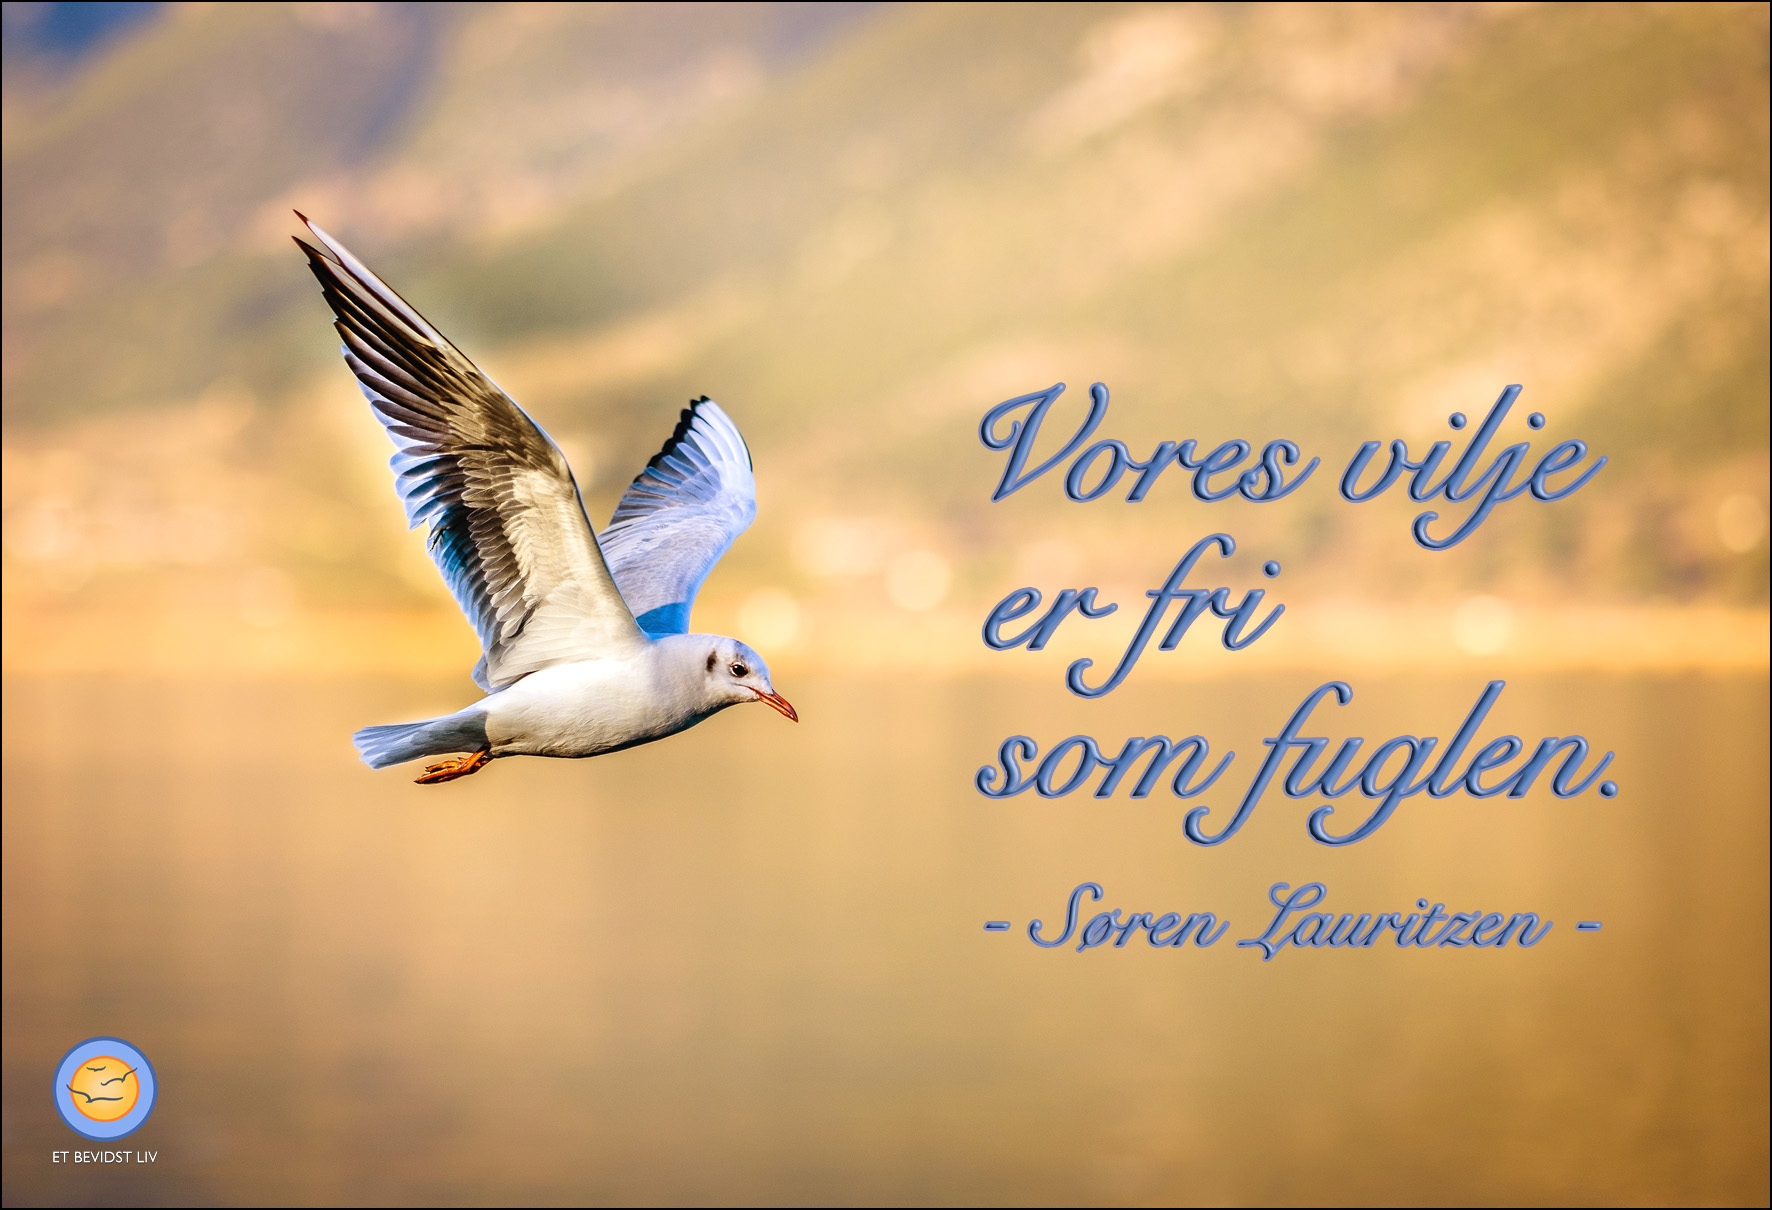 Foto: Flyvende måge ved sø i solnedgangslys. Tekst: Vores vilje er fri som fuglen.